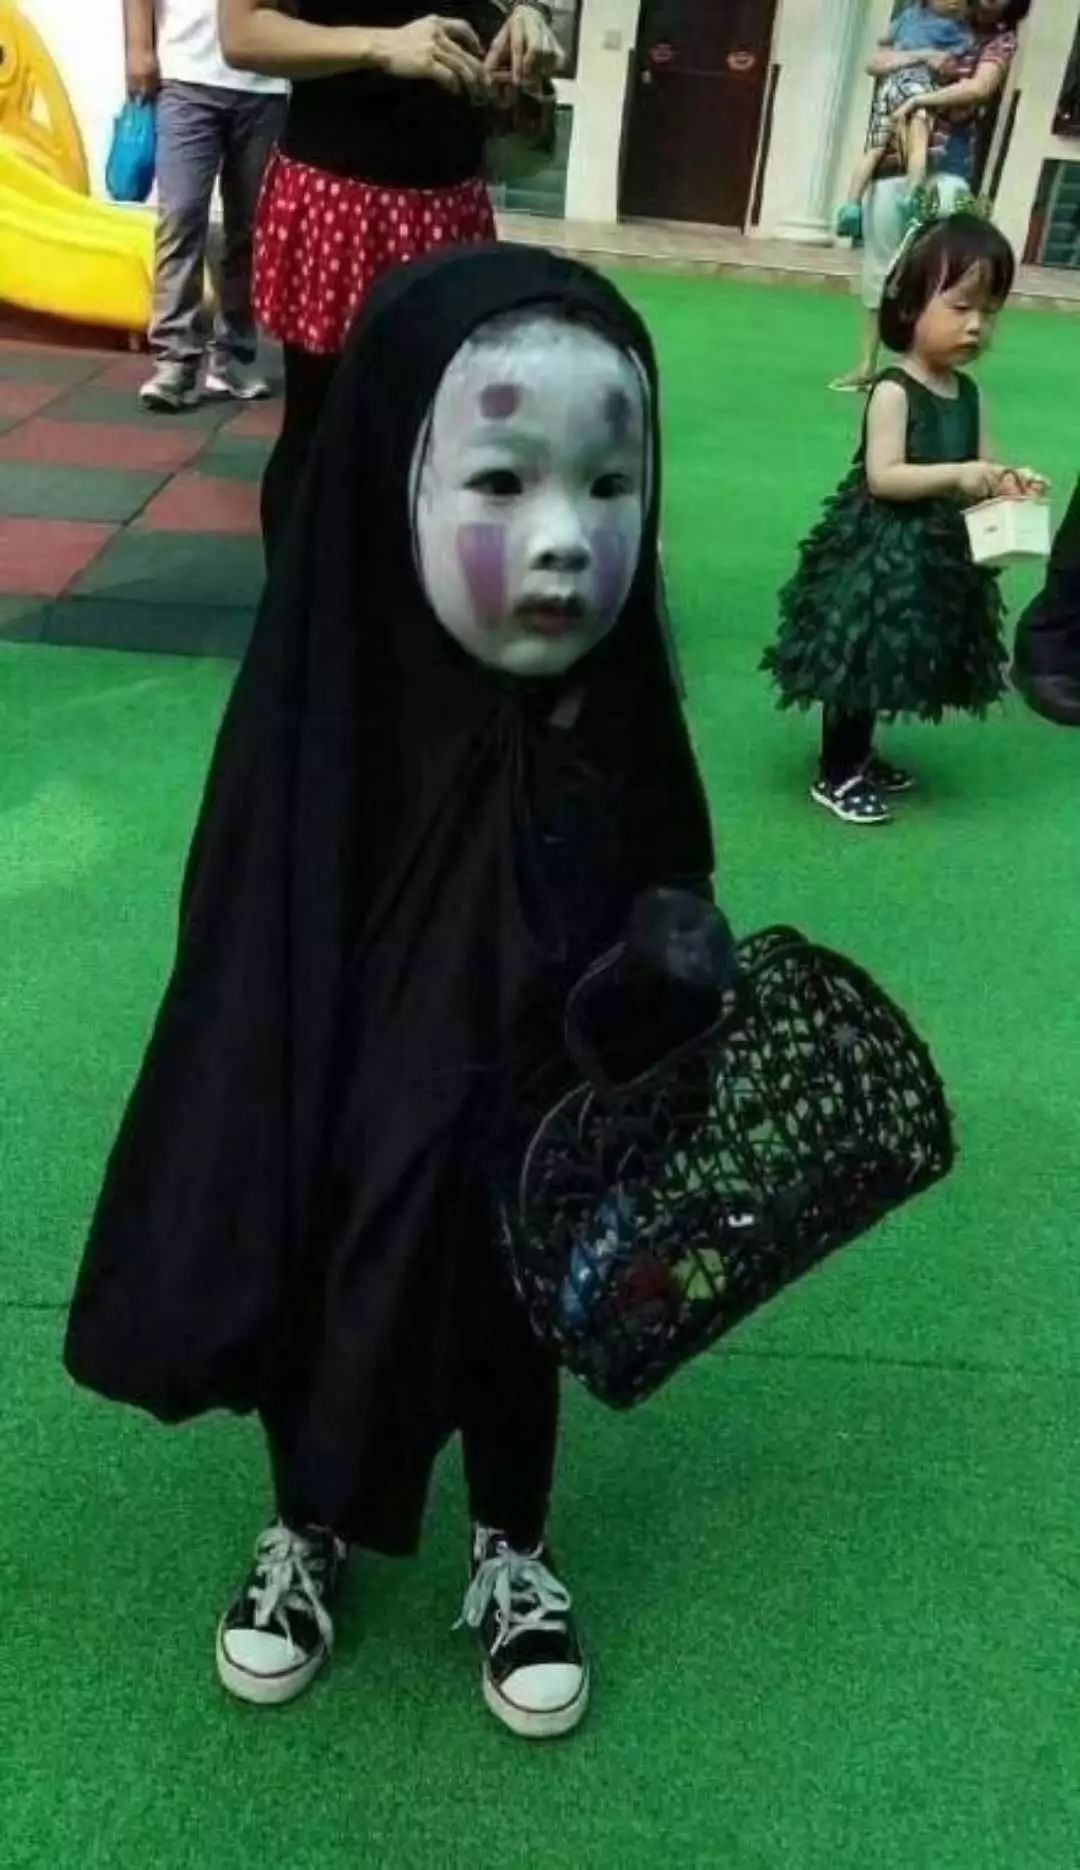 哈哈哈!中外萌娃万圣节造型大盘点,这个小女孩吓哭一群小朋友…_cos